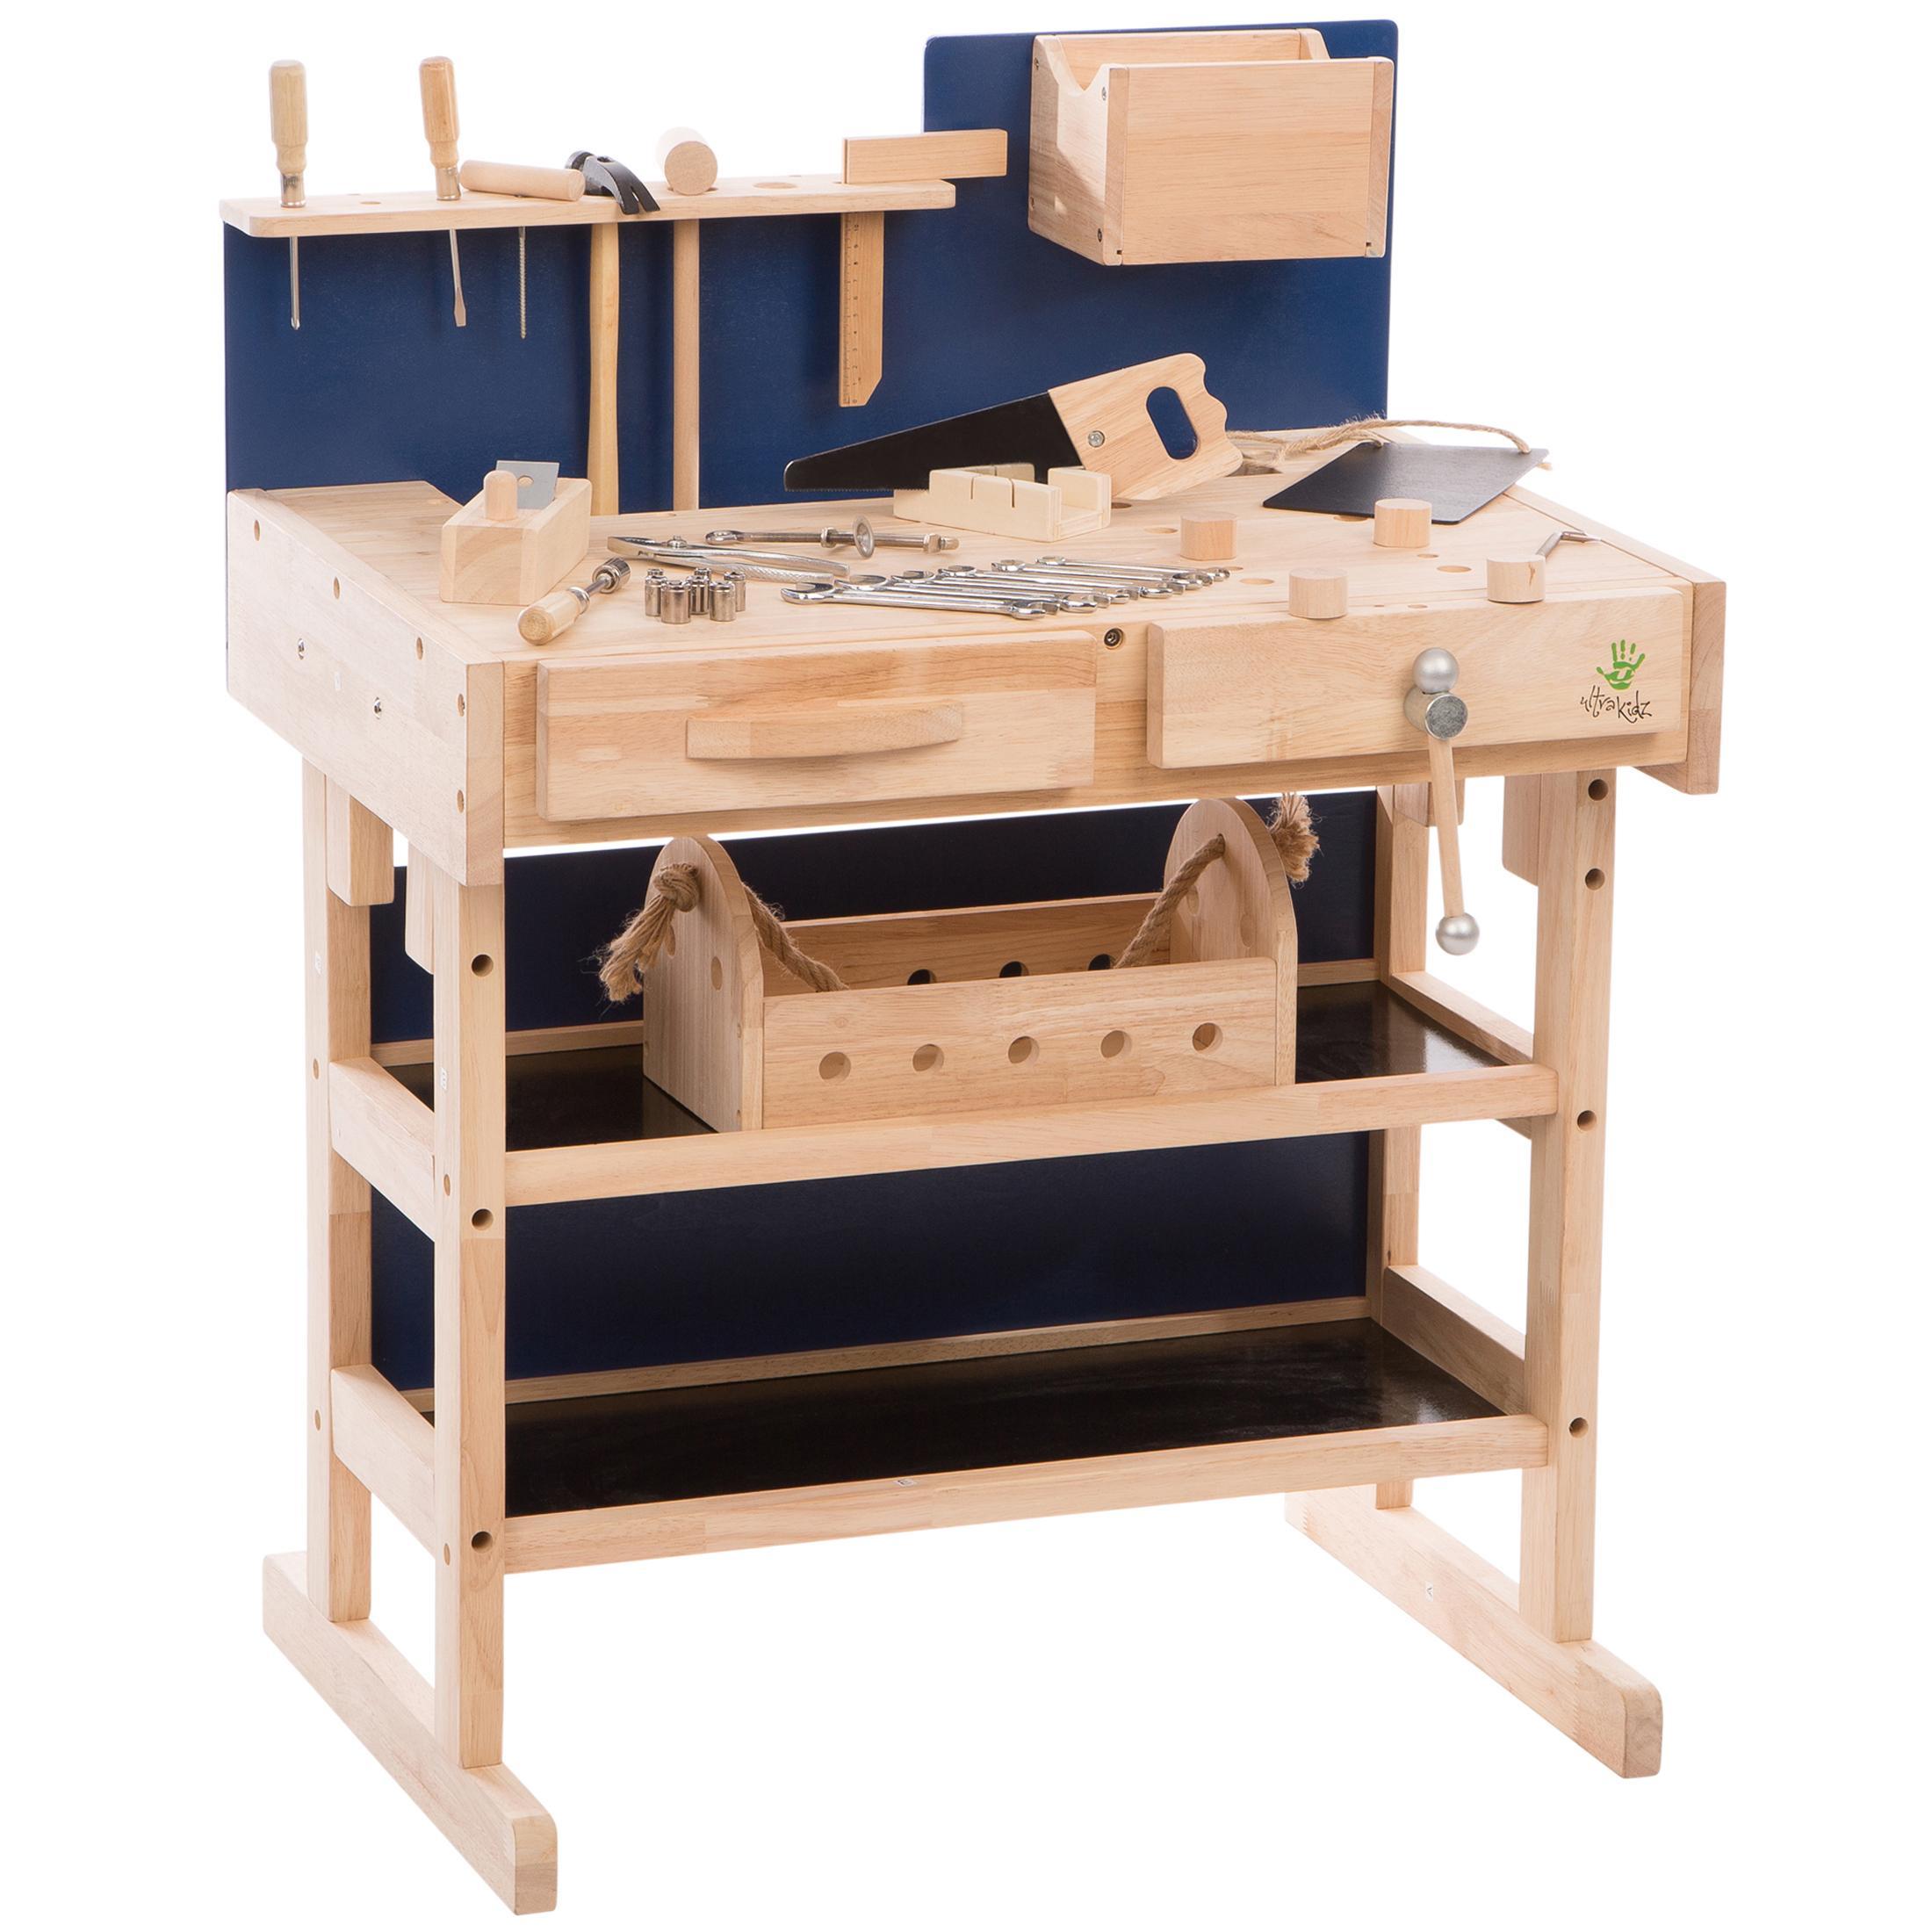 ultrakidz 331900000013 kinder werkbank aus massivholz mit werkzeug set und werkzeugkiste braun. Black Bedroom Furniture Sets. Home Design Ideas